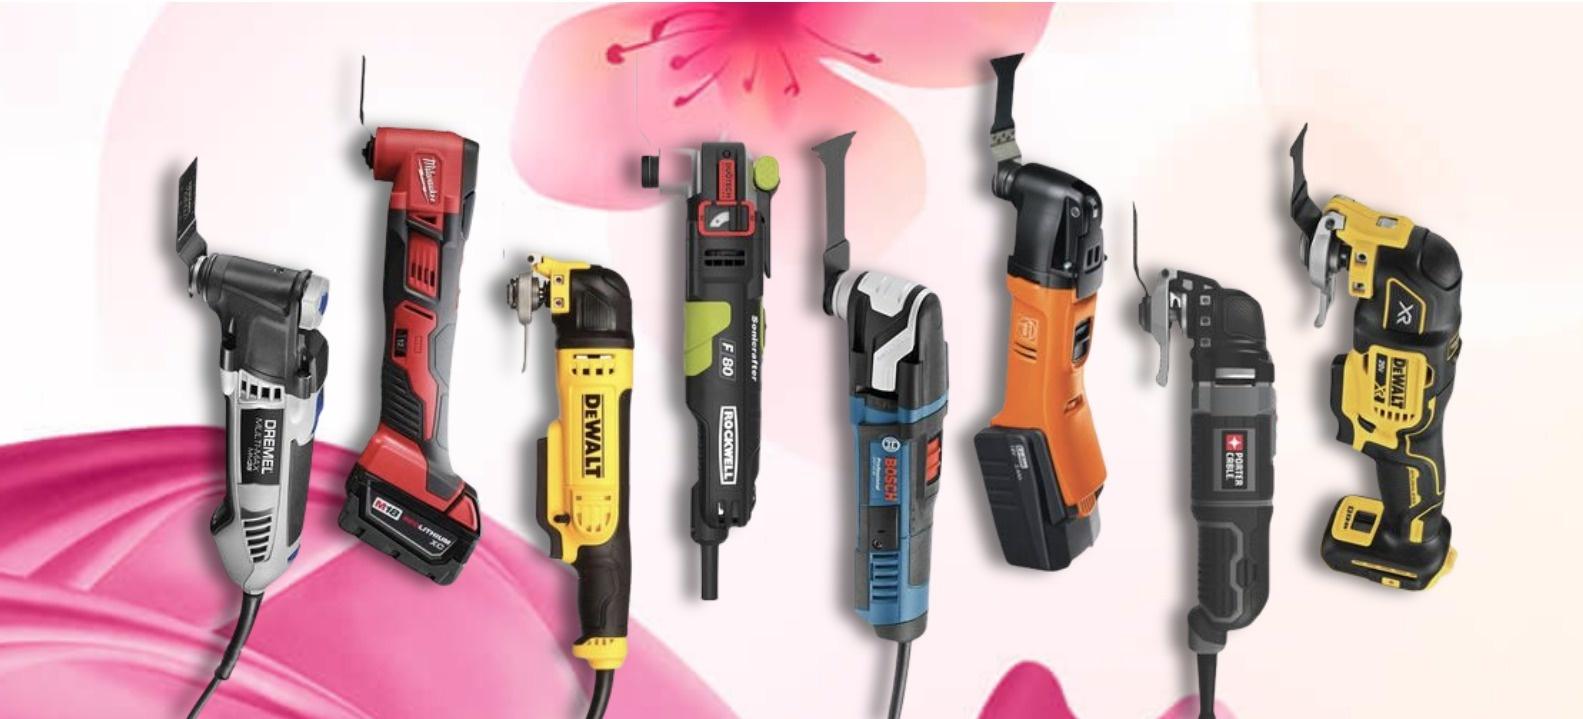 <h2>DIY with Tools</h2><p>Voor iedere klus het perfecte gereedschap</p>